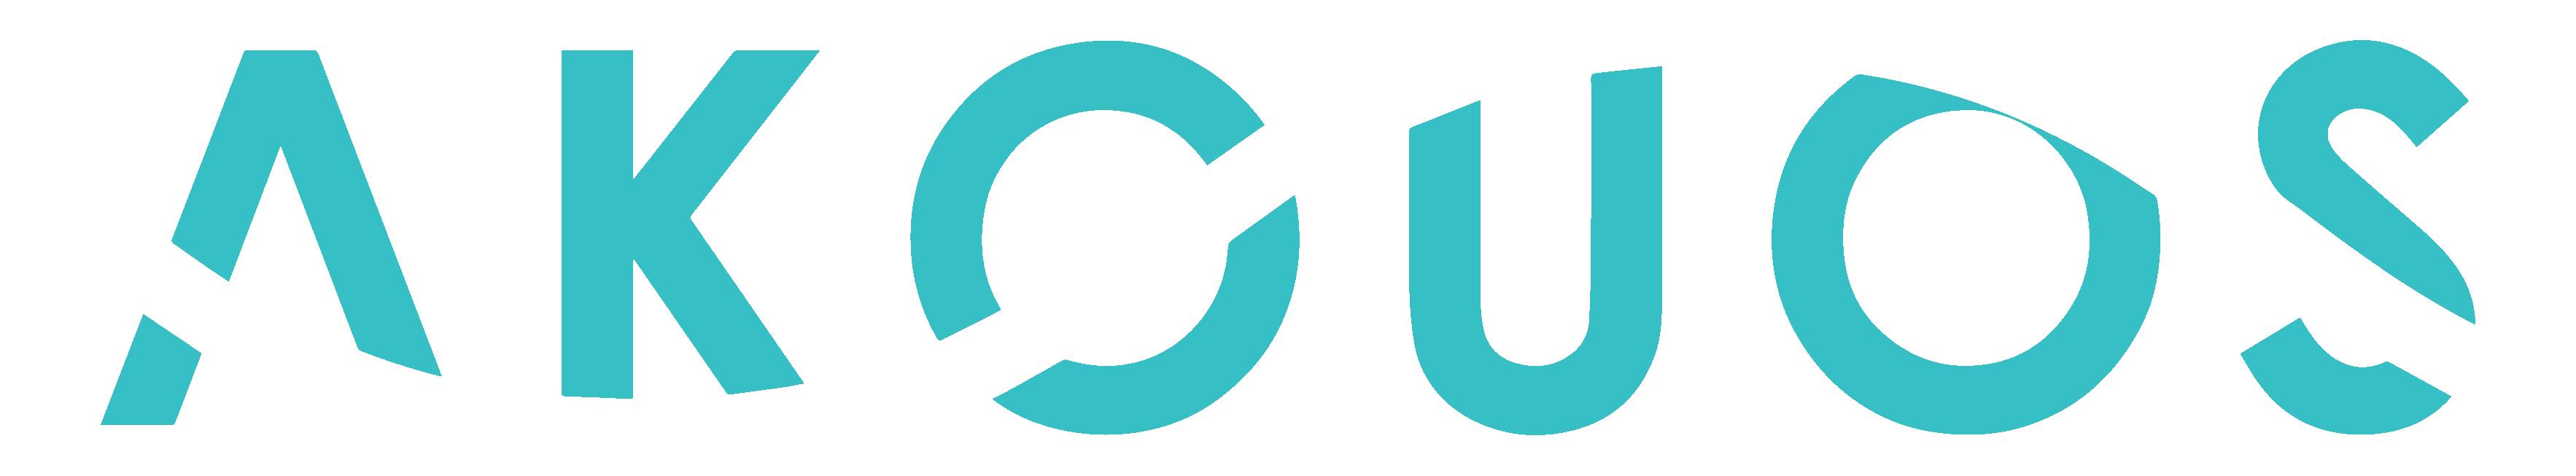 Akouos logo